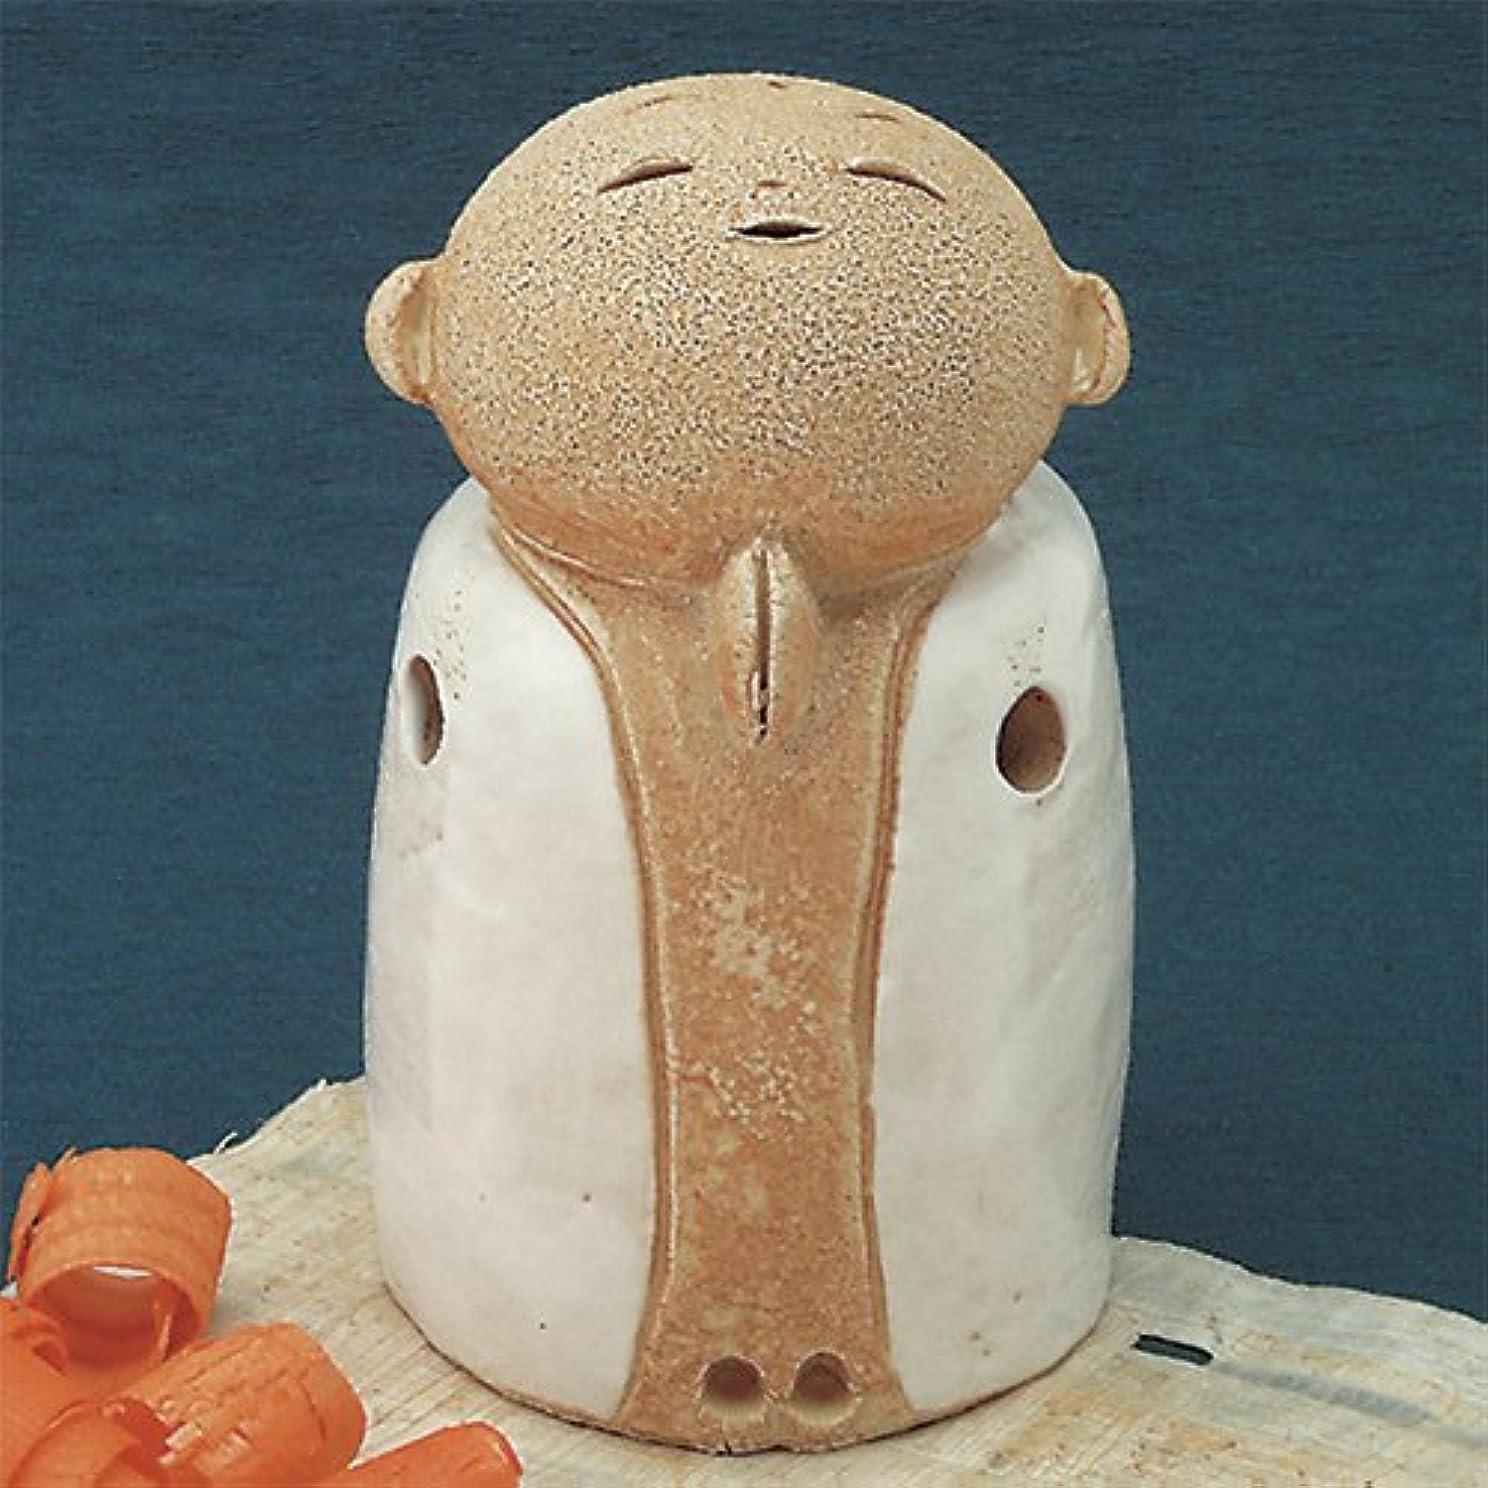 火山パークファイターお地蔵様 香炉シリーズ 白 お地蔵様 香炉&ポプリ(小) [H10cm] HANDMADE プレゼント ギフト 和食器 かわいい インテリア